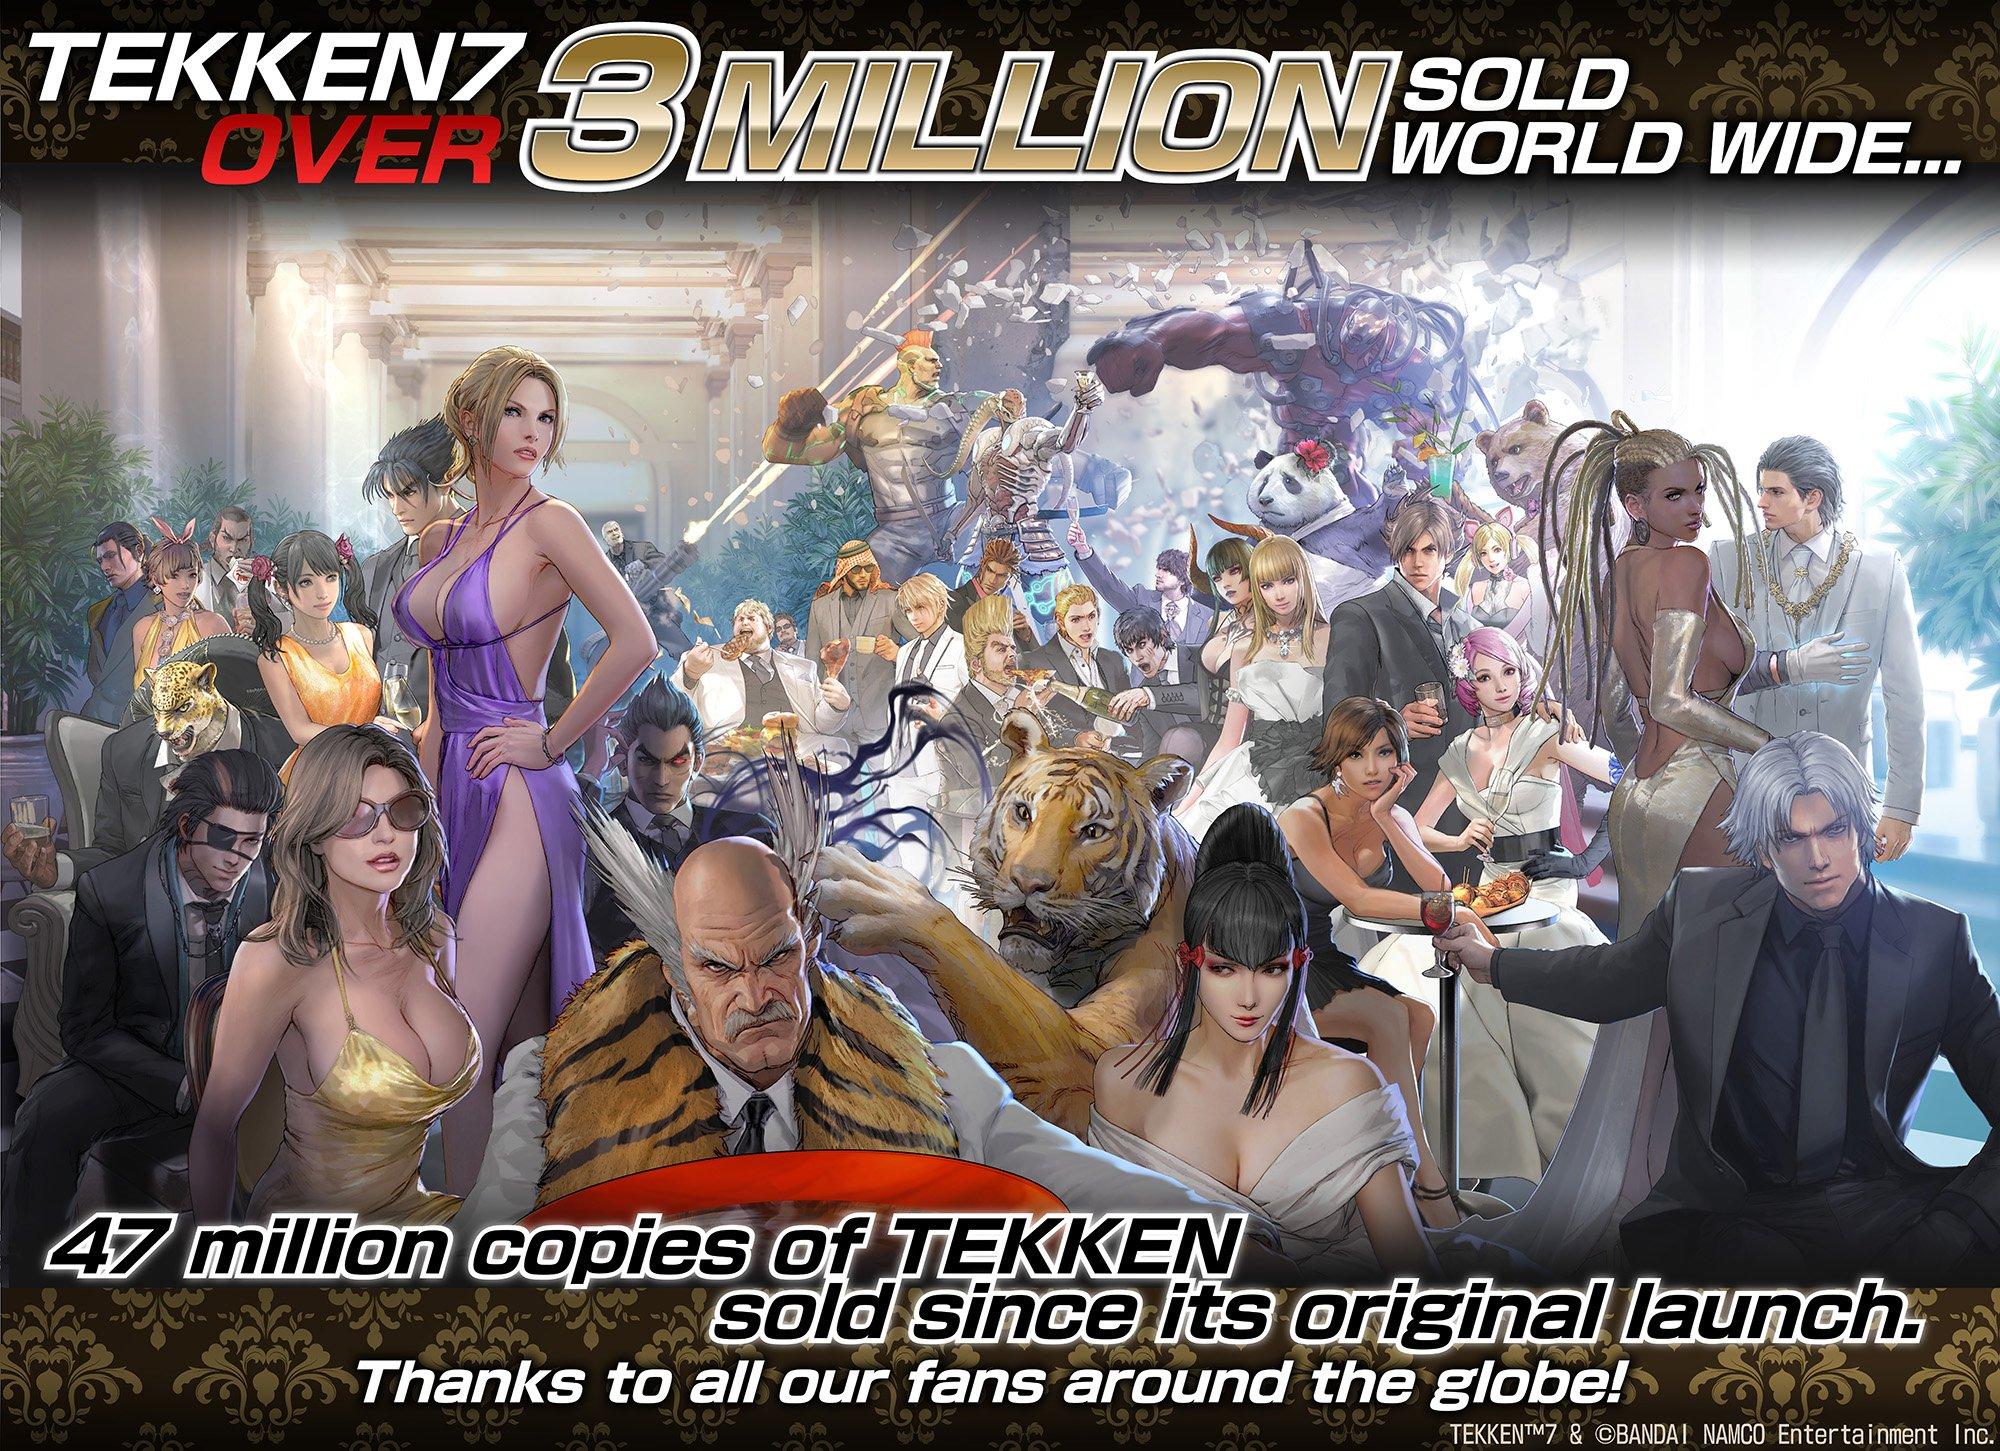 Tekken 7 - Other Artwork, Promotional Images, Logos, Scans, Etc